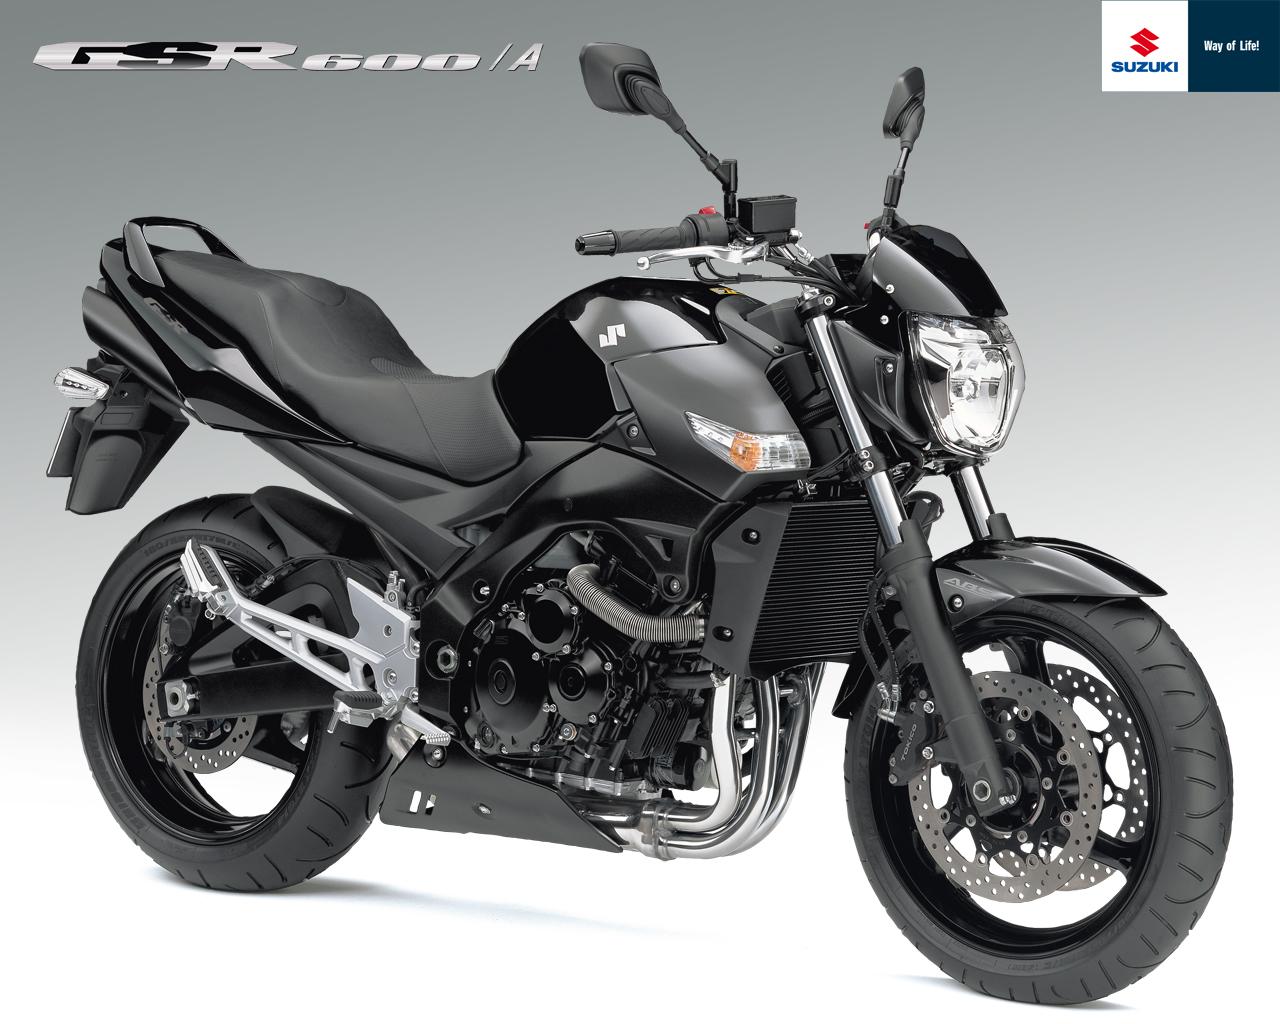 Suzuki GSR 600 - Test, Bilder, Gebrauchte